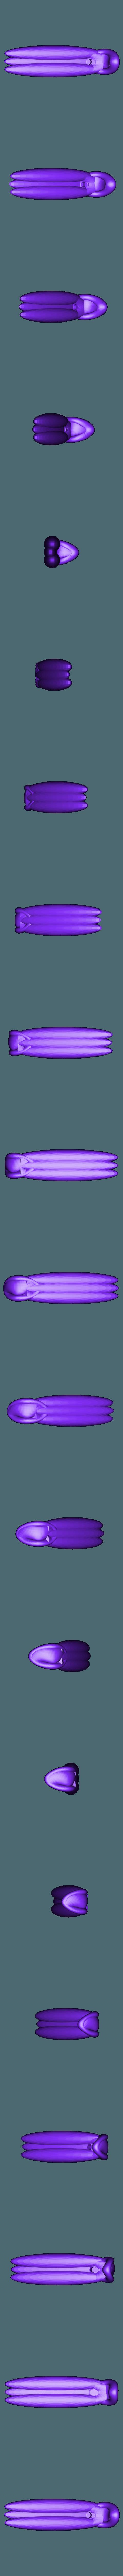 Frog_Tongue.stl Télécharger fichier STL gratuit Grenouille • Design imprimable en 3D, BananaScience